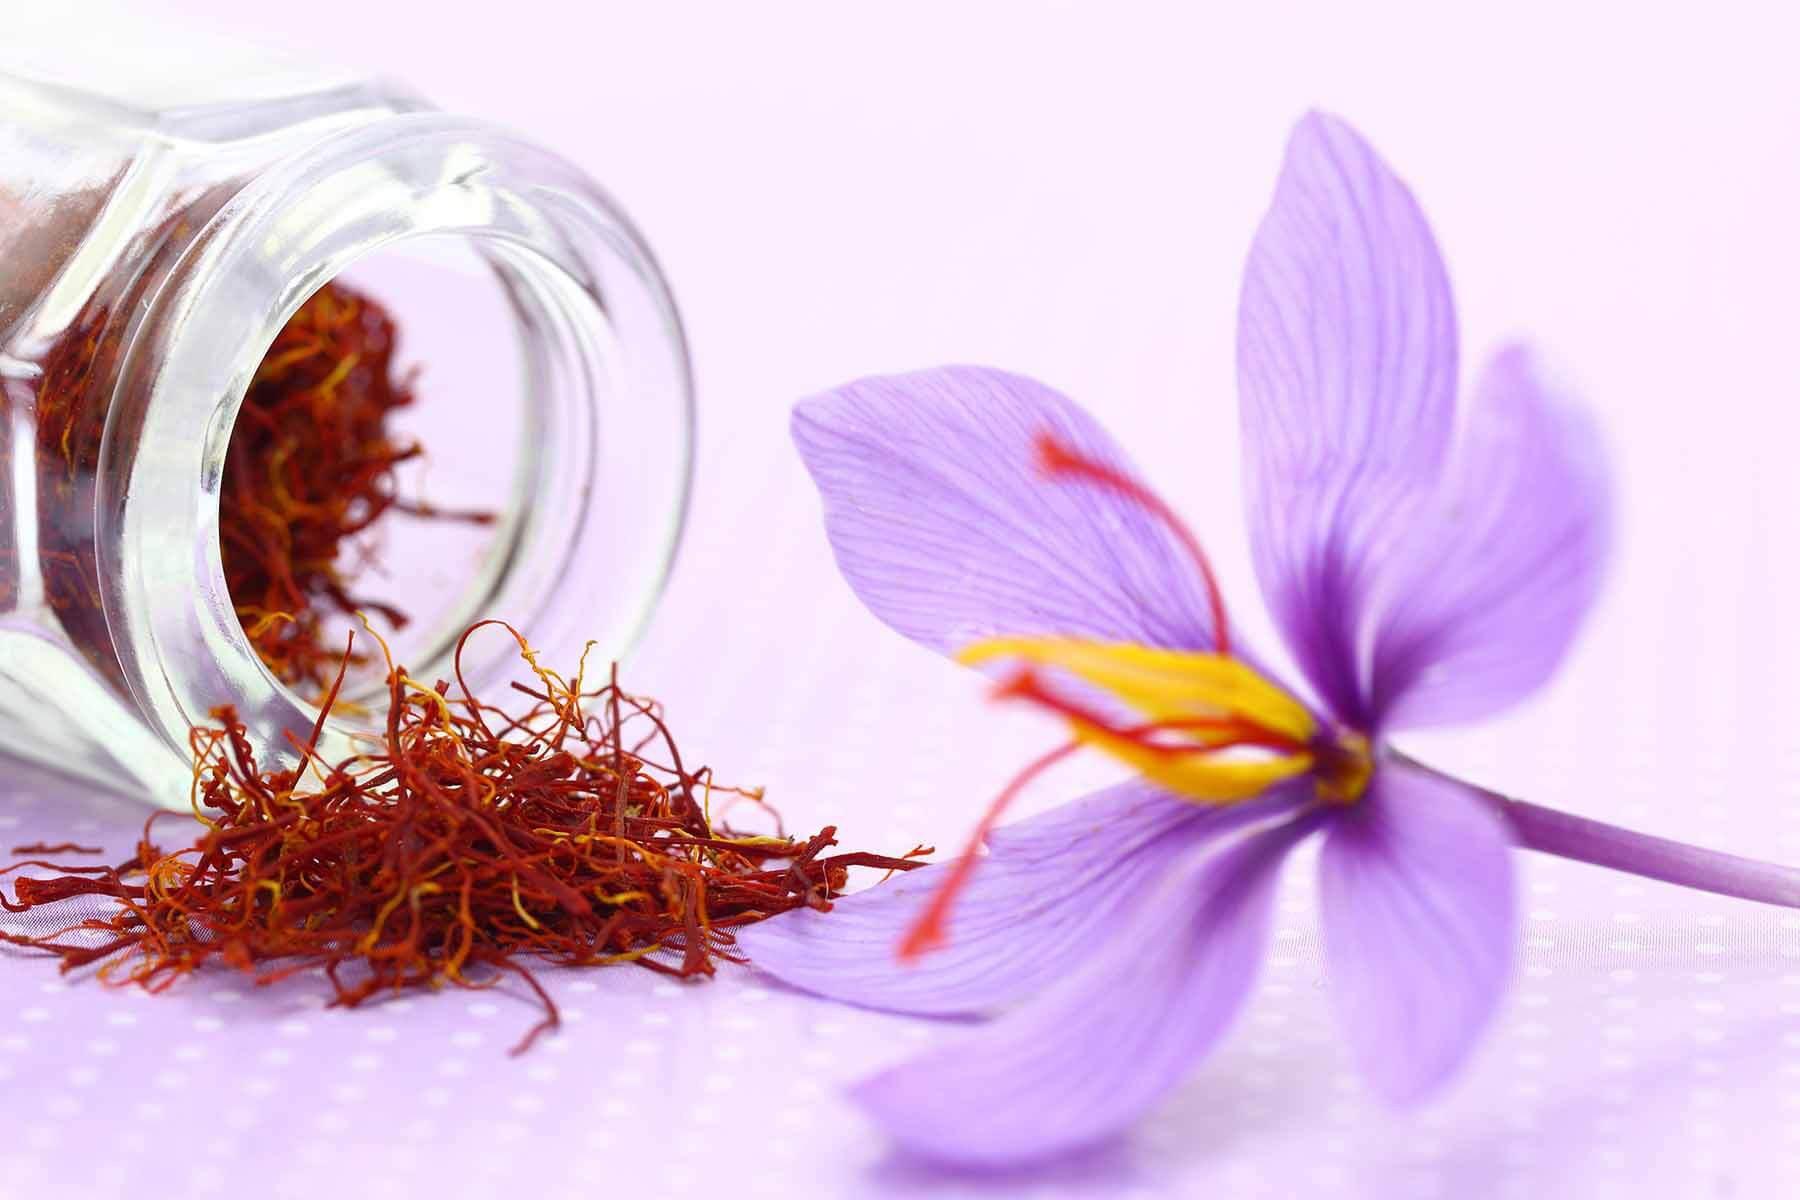 Lotion mask ngâm nhụy hoa nghệ tây: công thức mặt nạ vừa cấp ẩm vừa làm sáng da đang khiến con gái Việt mê mẩn - Ảnh 1.